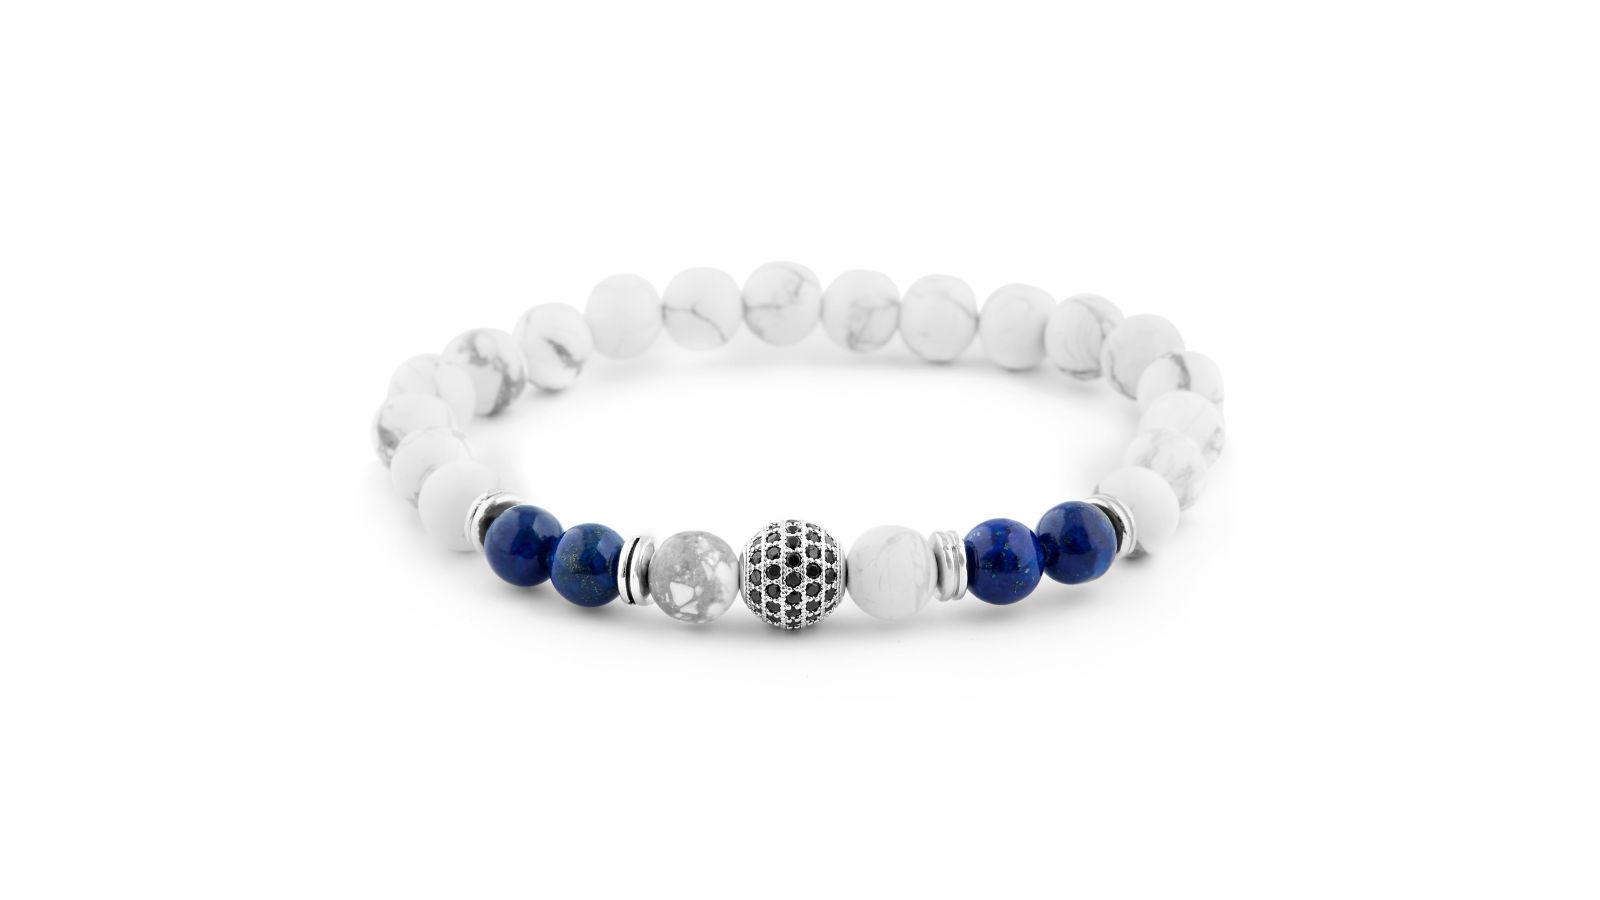 Bracelet de pierre blanche royale port gratuit neshraw - Trend corner frais de port gratuit ...